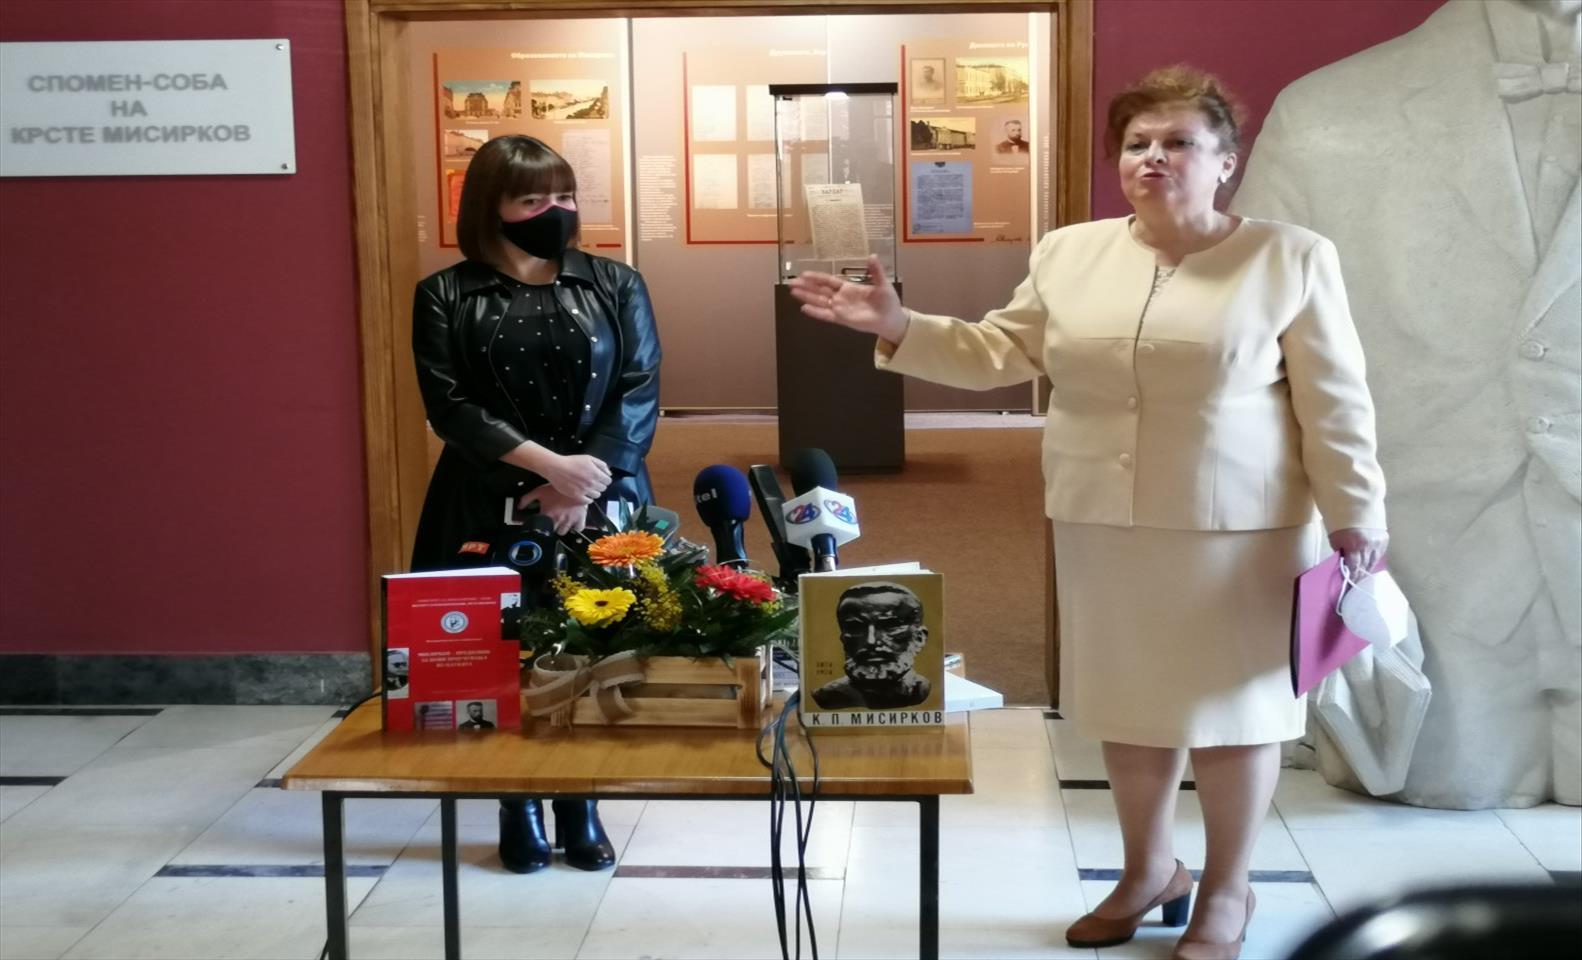 Слика од Со нови фотографии и документи подновената спомен-собата на Крсте Мисирков